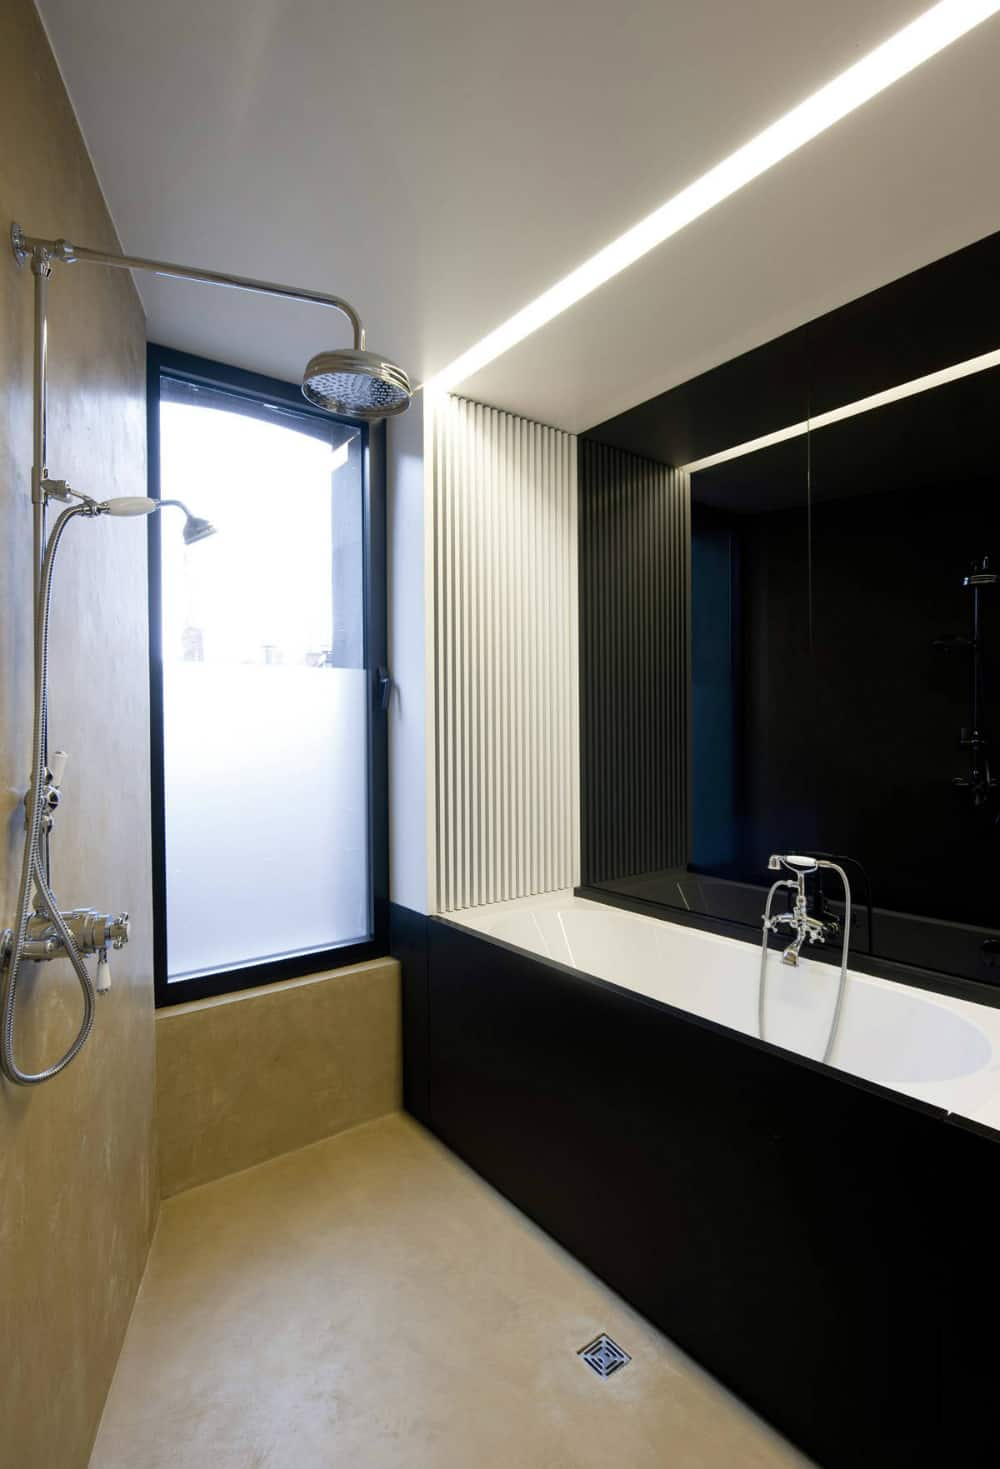 House G-S bathroom